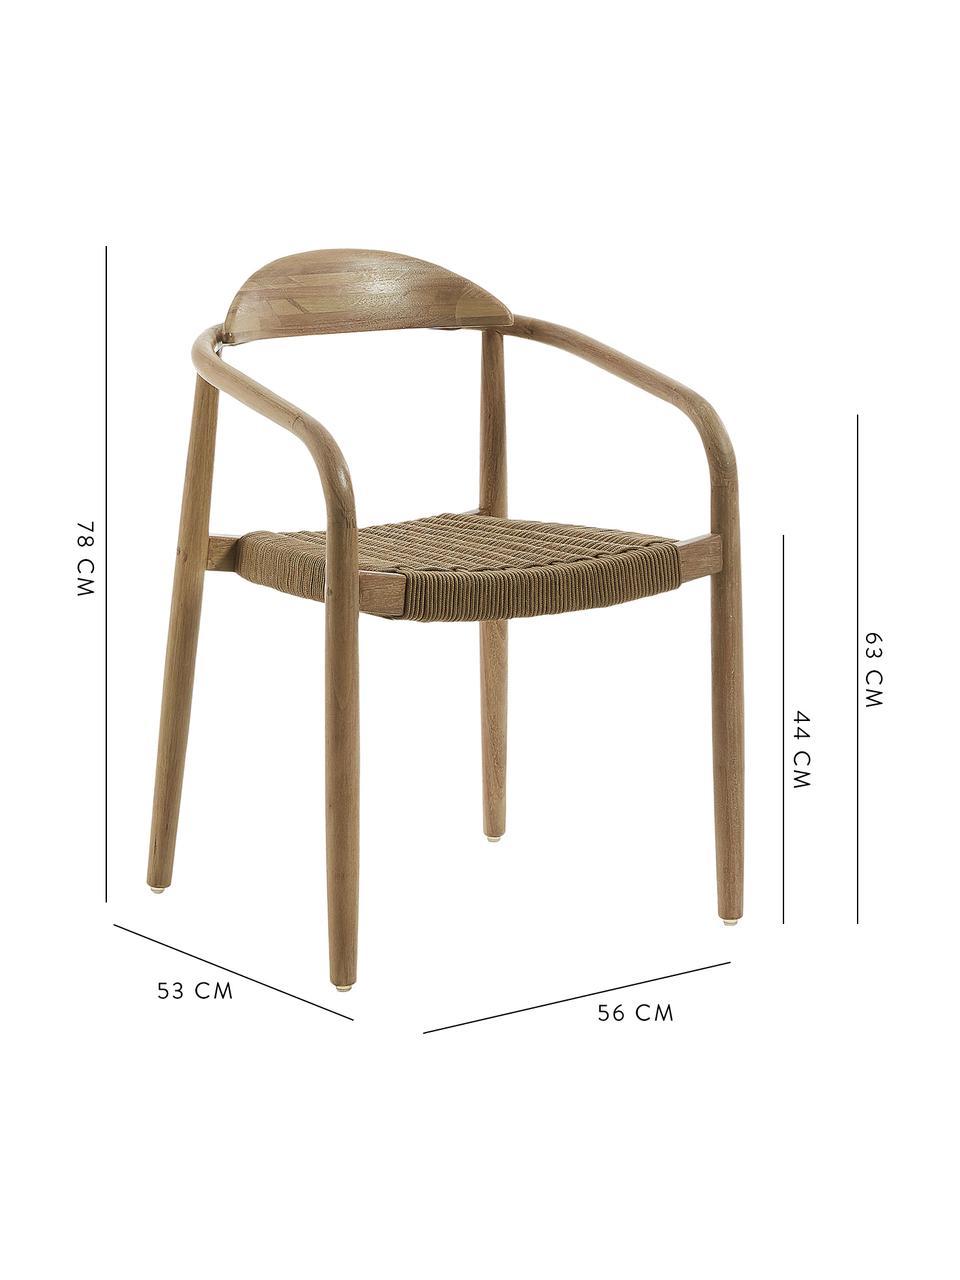 Sedia in legno con braccioli Nina, Struttura: legno di eucalipto massic, Seduta: corda in poliestere, Marrone, Larg. 56 x Prof. 53 cm